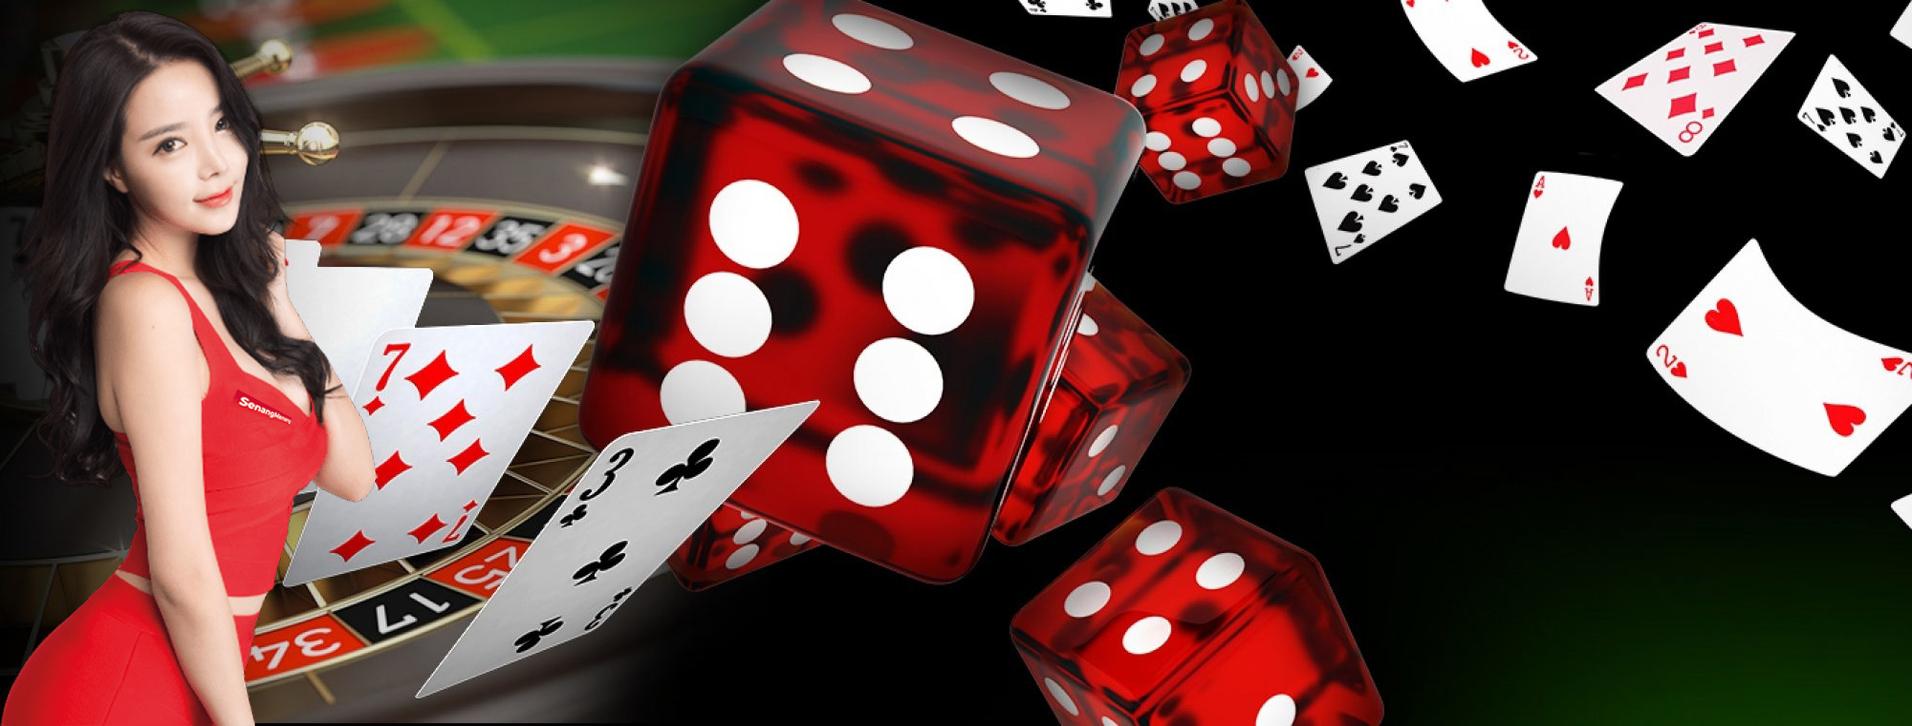 Kualitas Agen Poker Online